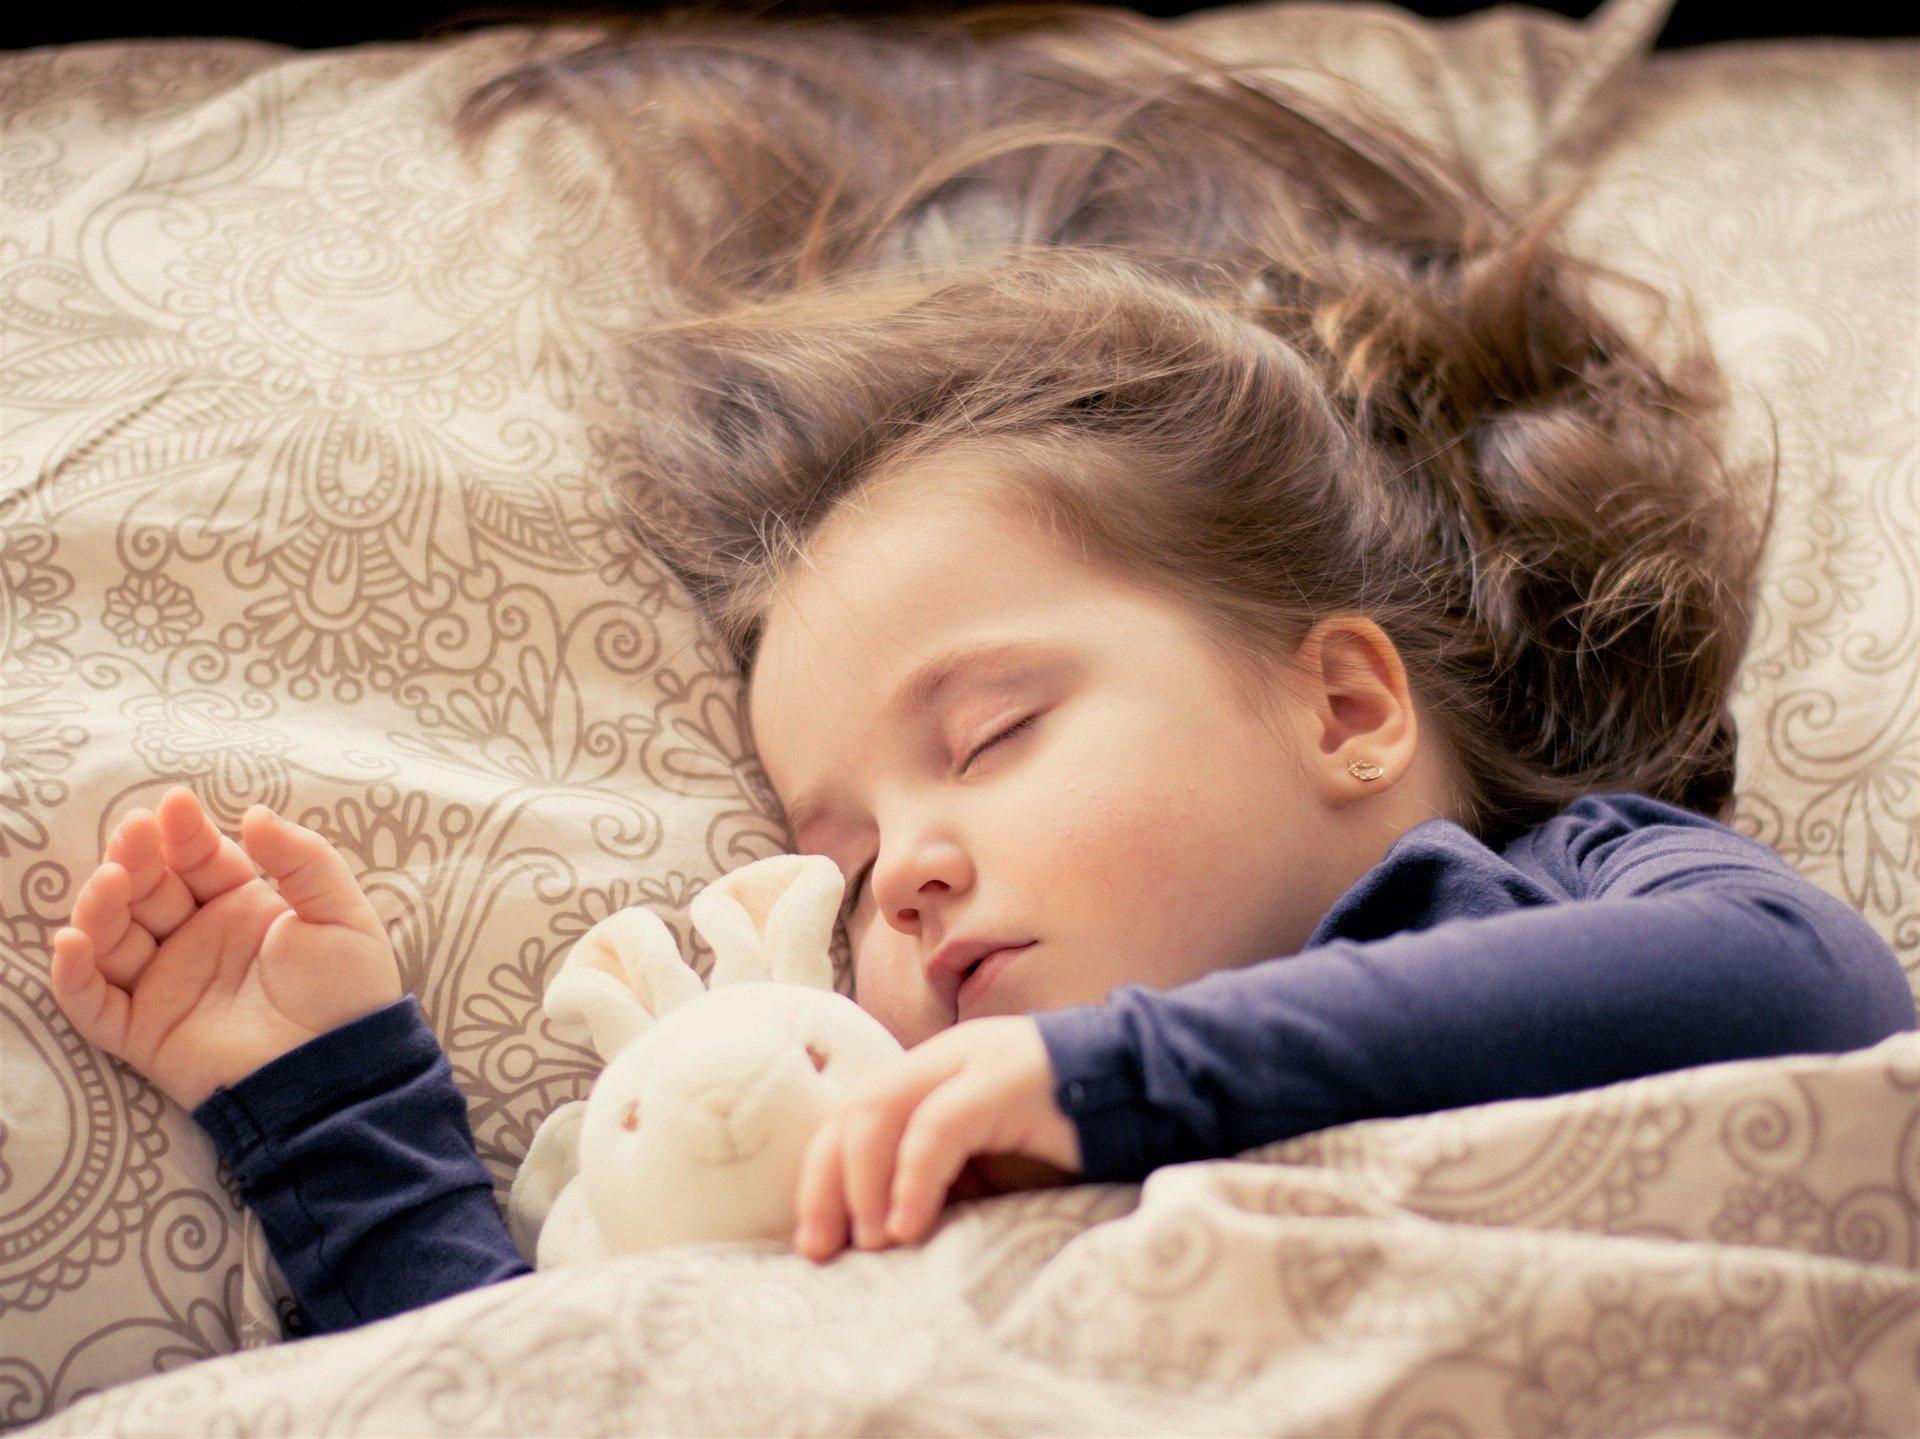 چرا کودکان باید زود بخوابند